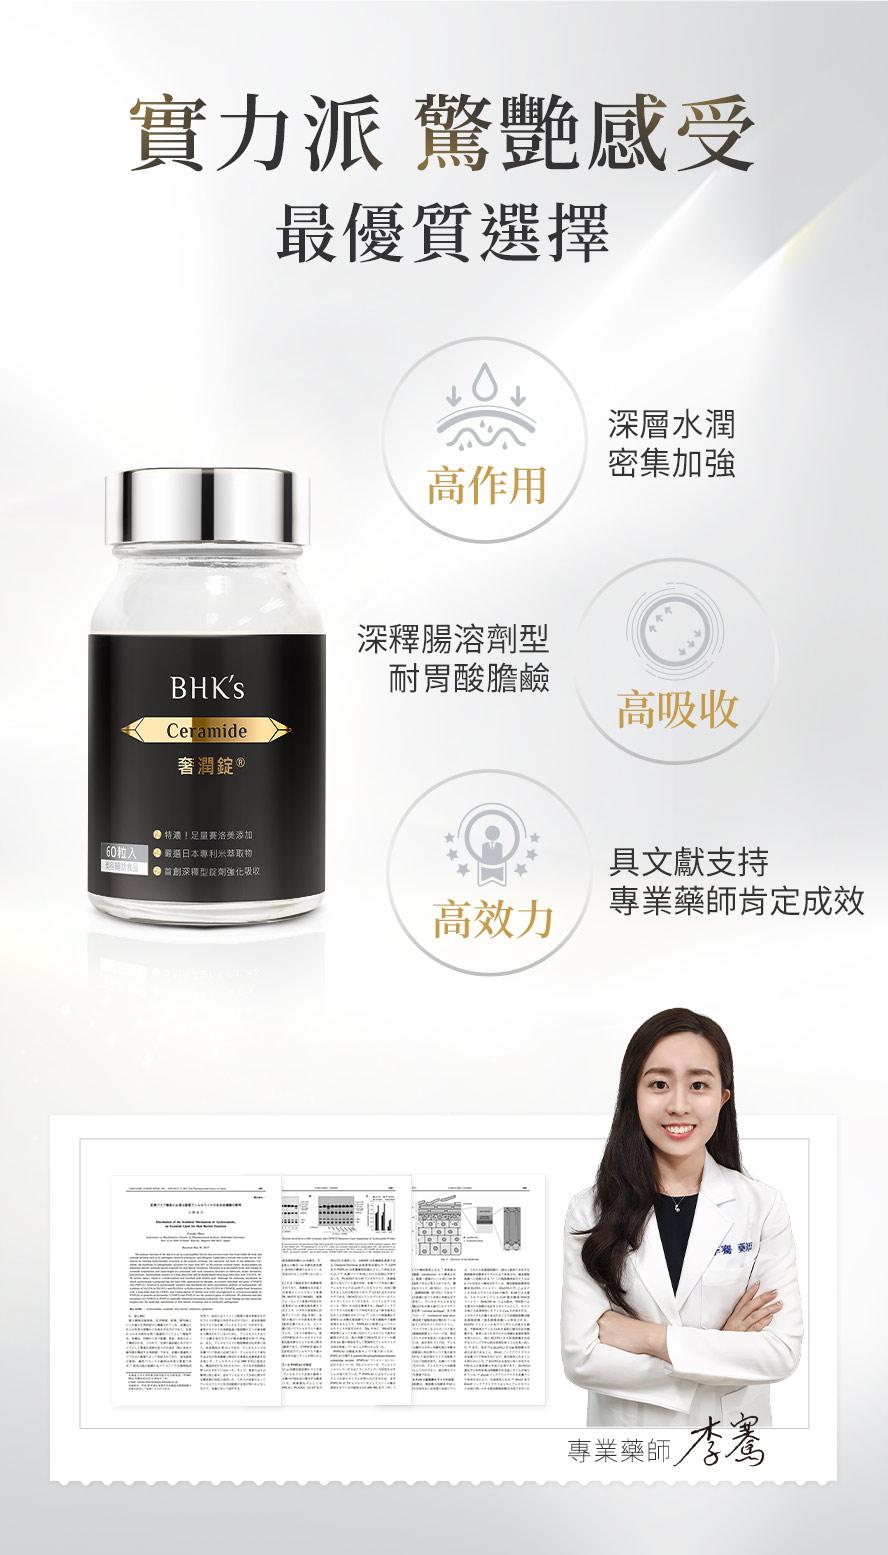 BHKs奢潤錠獨家深釋腸溶劑型,耐胃酸膽鹼,高吸收率、高作用率,增加皮膚角質層中神經醯胺含量,功效獲得專業藥師與國際文獻的肯定。